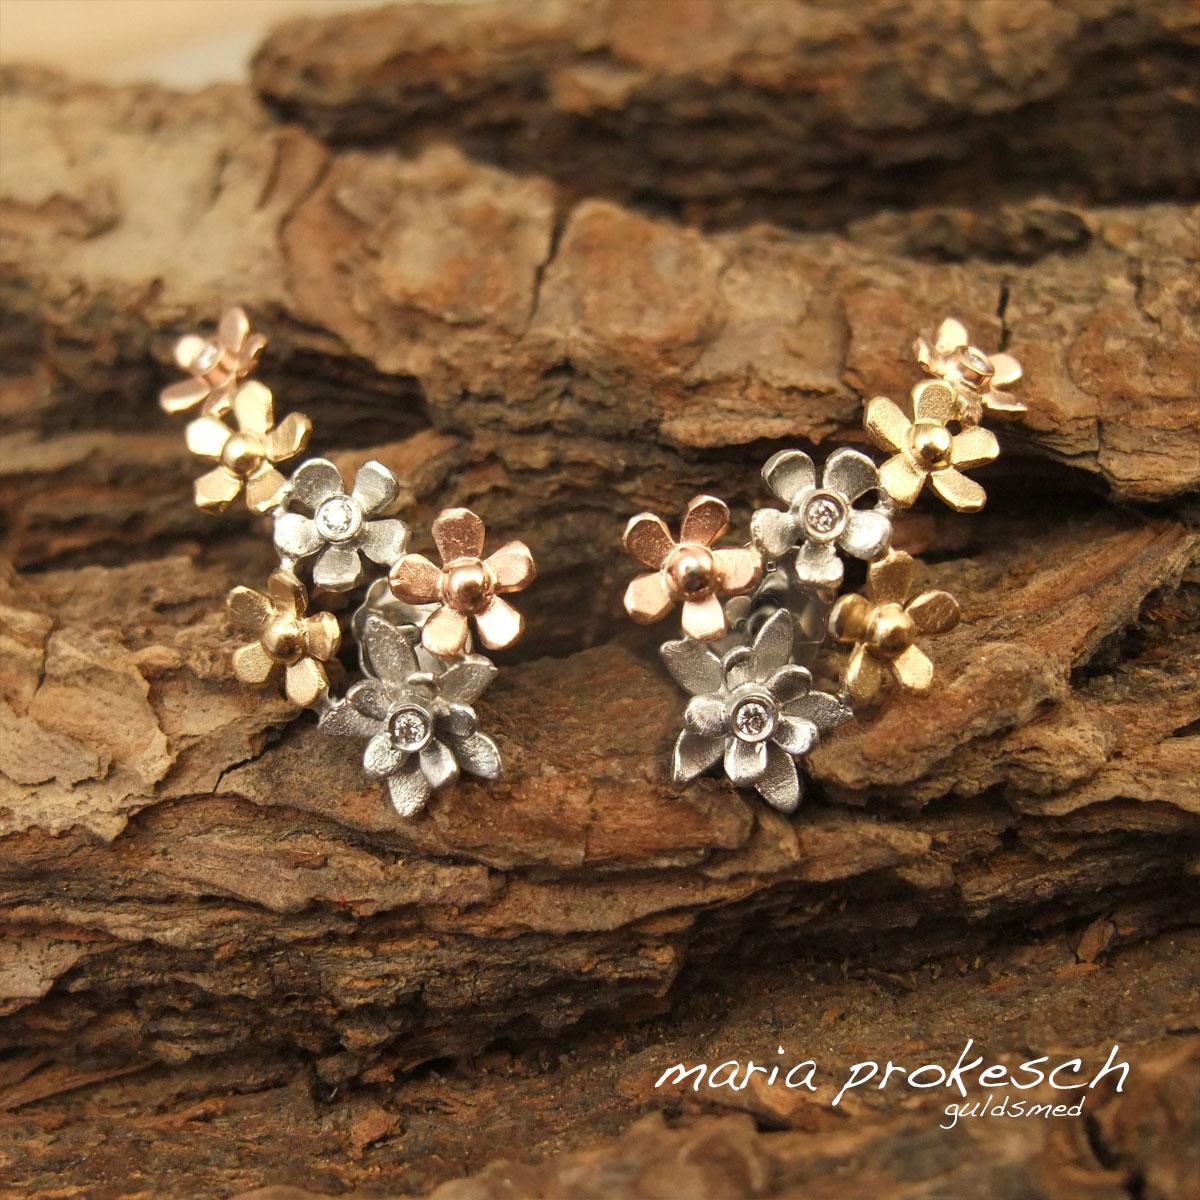 Ear Climbers, fine blomster øresmykker i 18 kt guld som sidder op ad øret. Designes individuelt